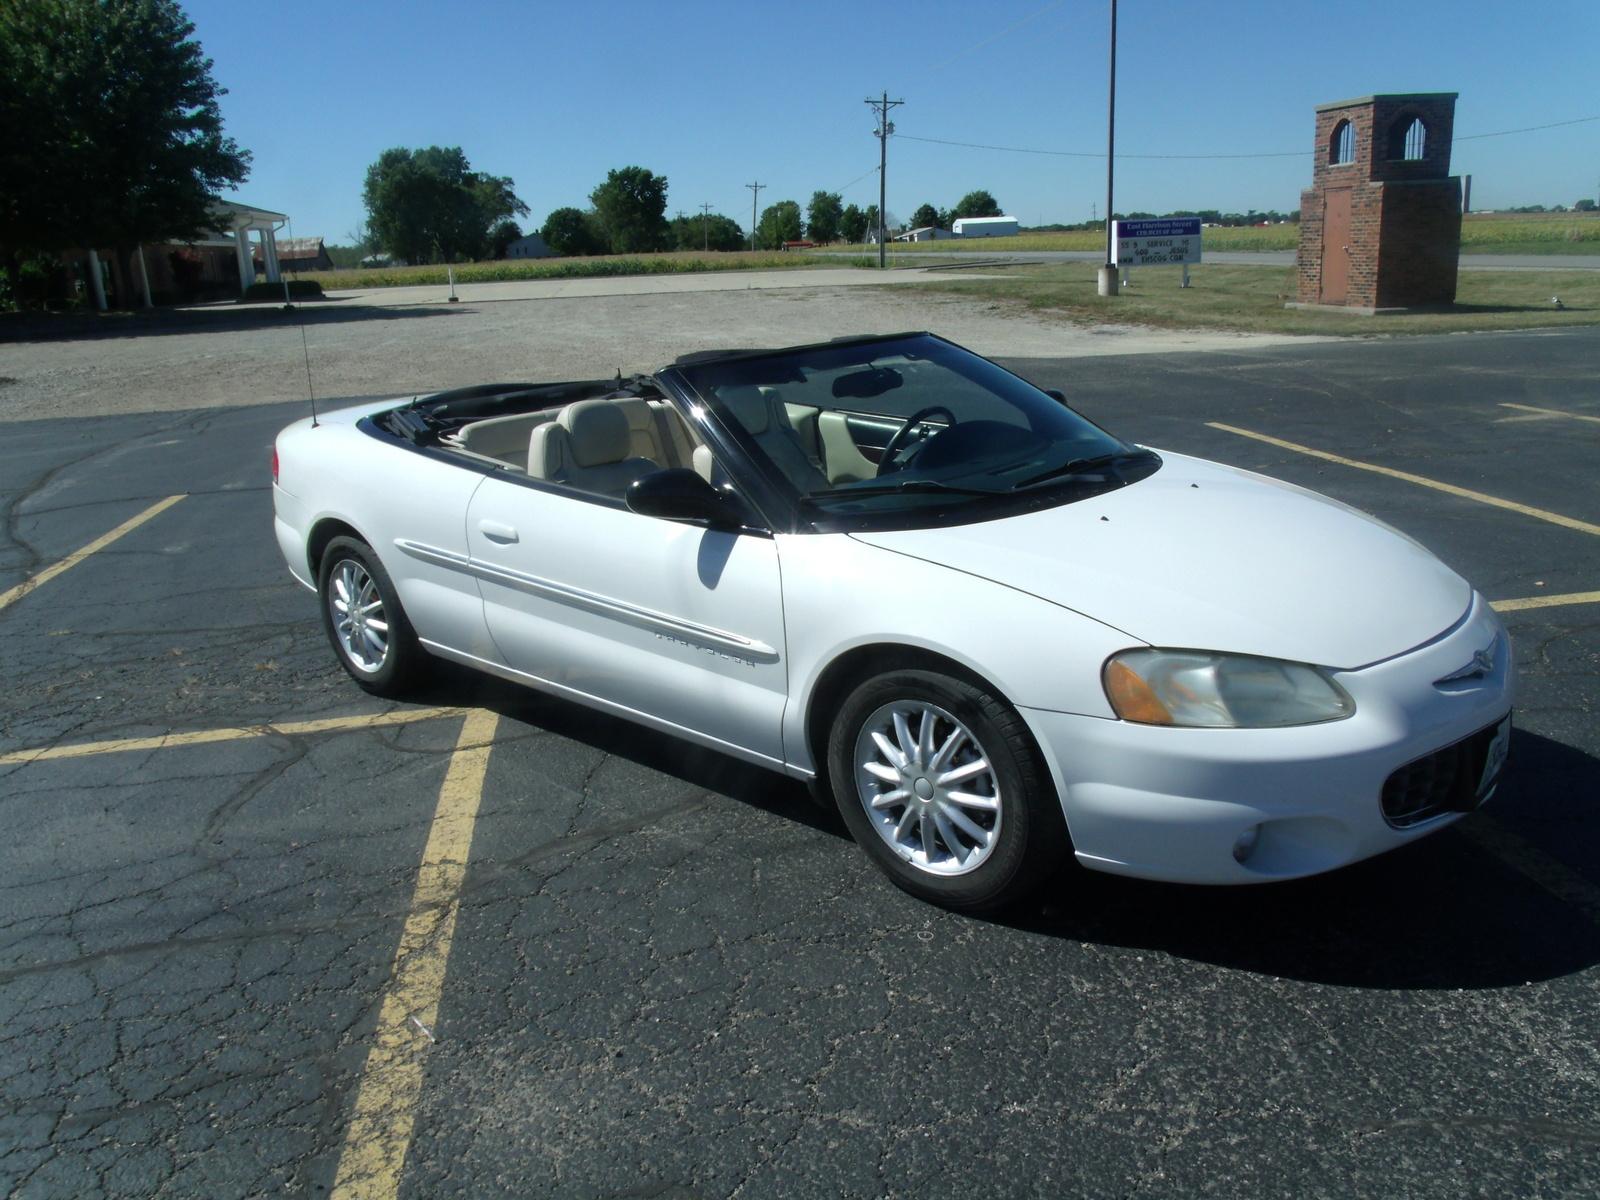 Chrysler Sebring Limited Convertible Pic on 2004 Chrysler Sebring Lx